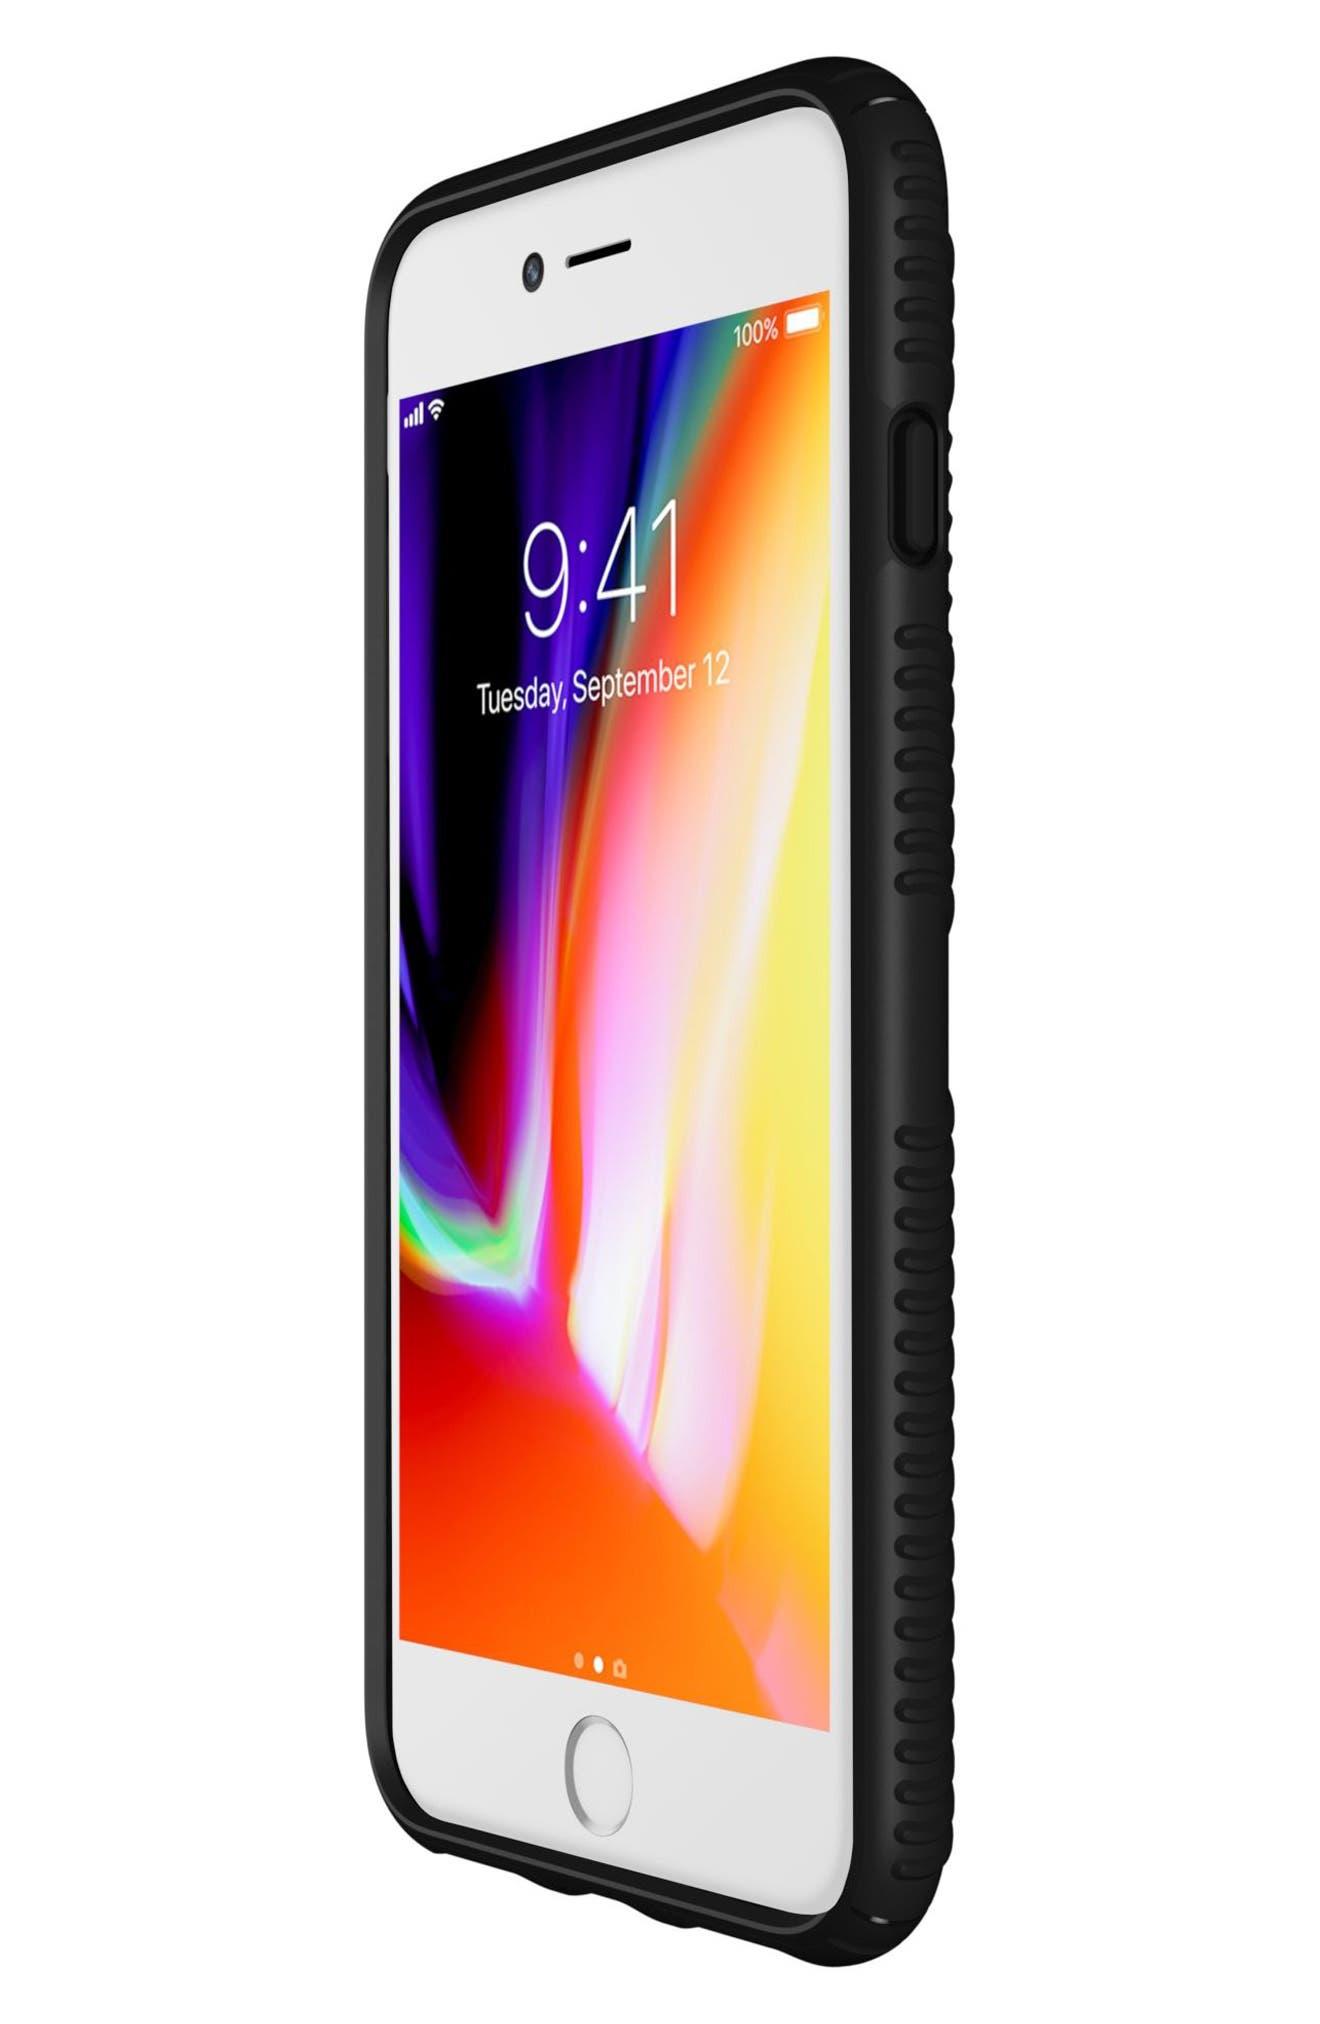 SPECK,                             Grip iPhone 6/6s/7/8 Plus Case,                             Alternate thumbnail 3, color,                             001